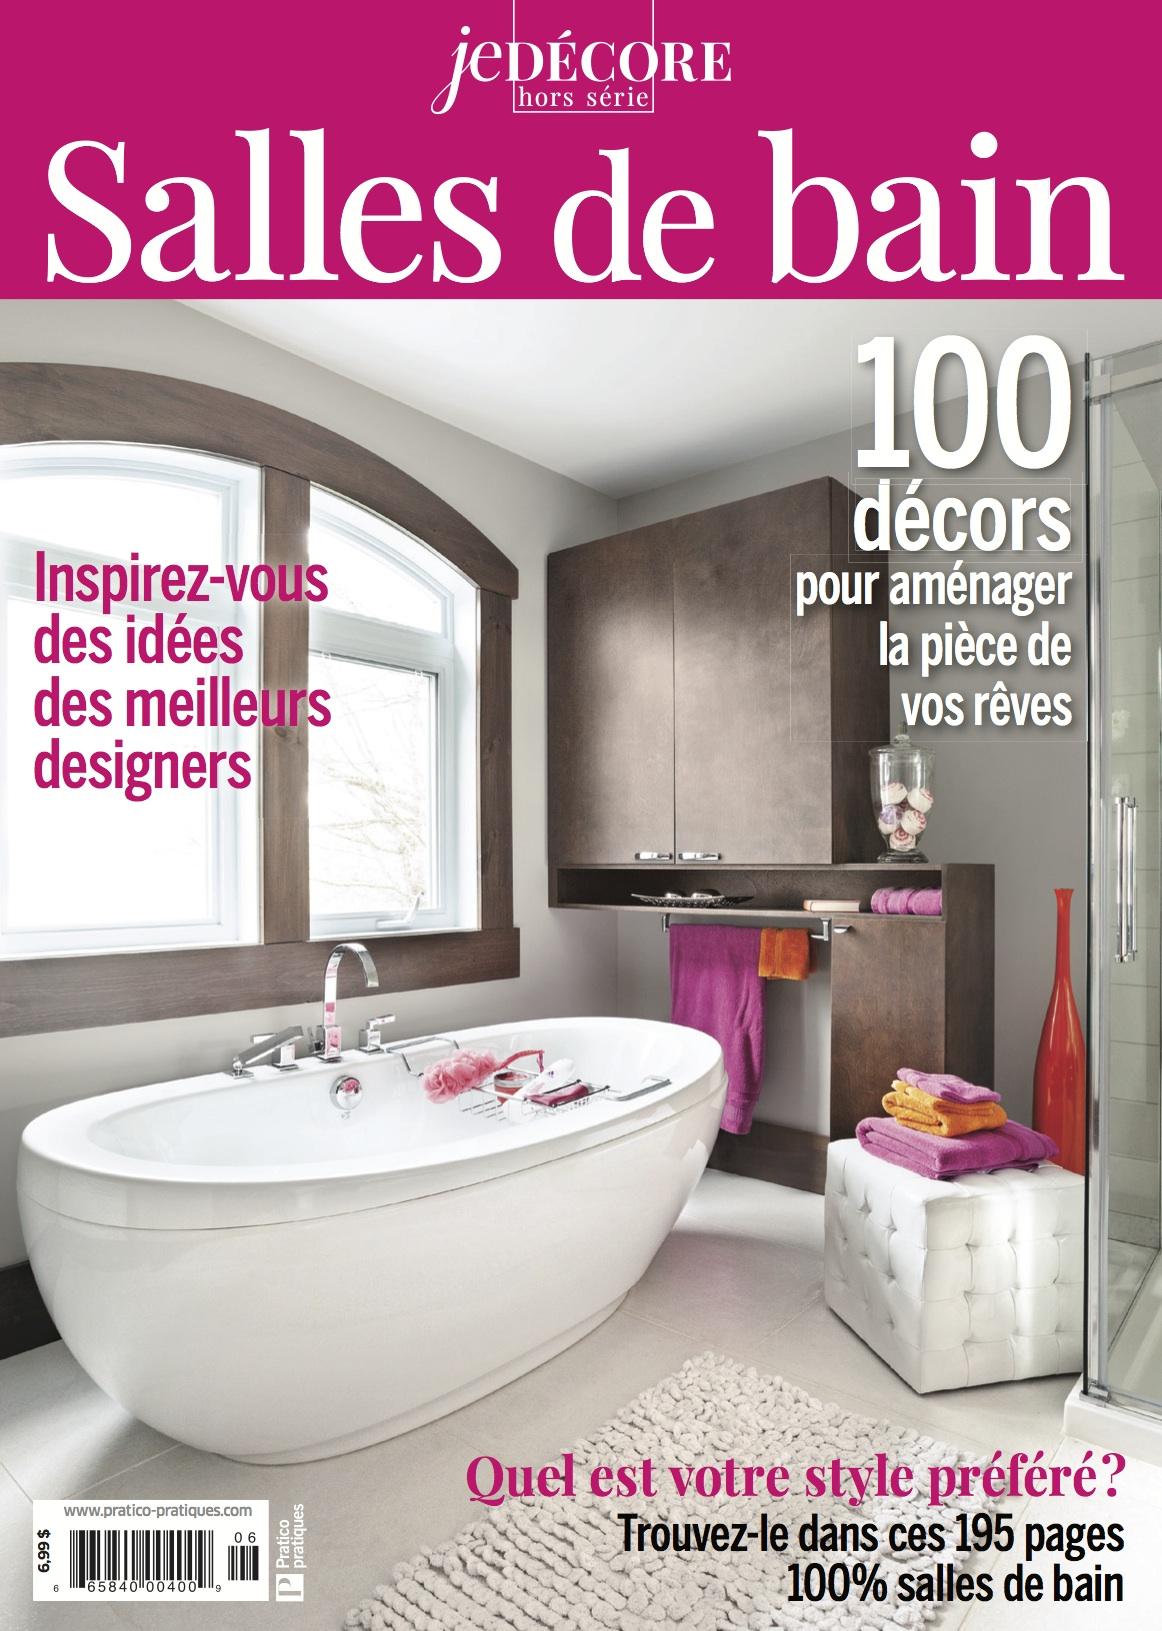 je d core salles de bain 100 d cors pour am nager. Black Bedroom Furniture Sets. Home Design Ideas